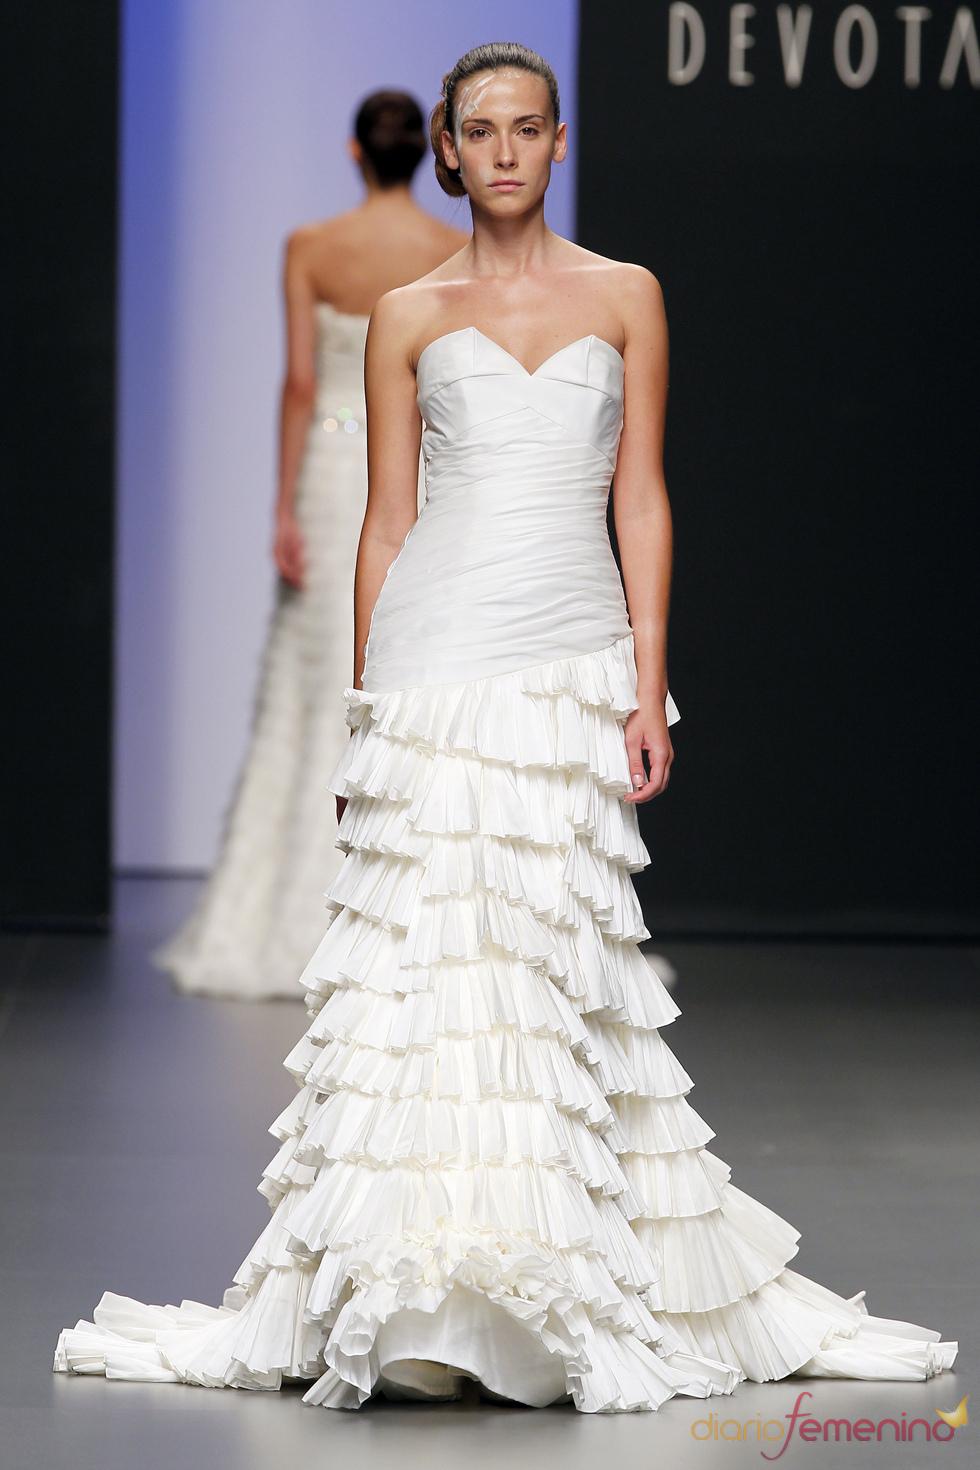 Vestido de novia con volantes de Devota&Lomba